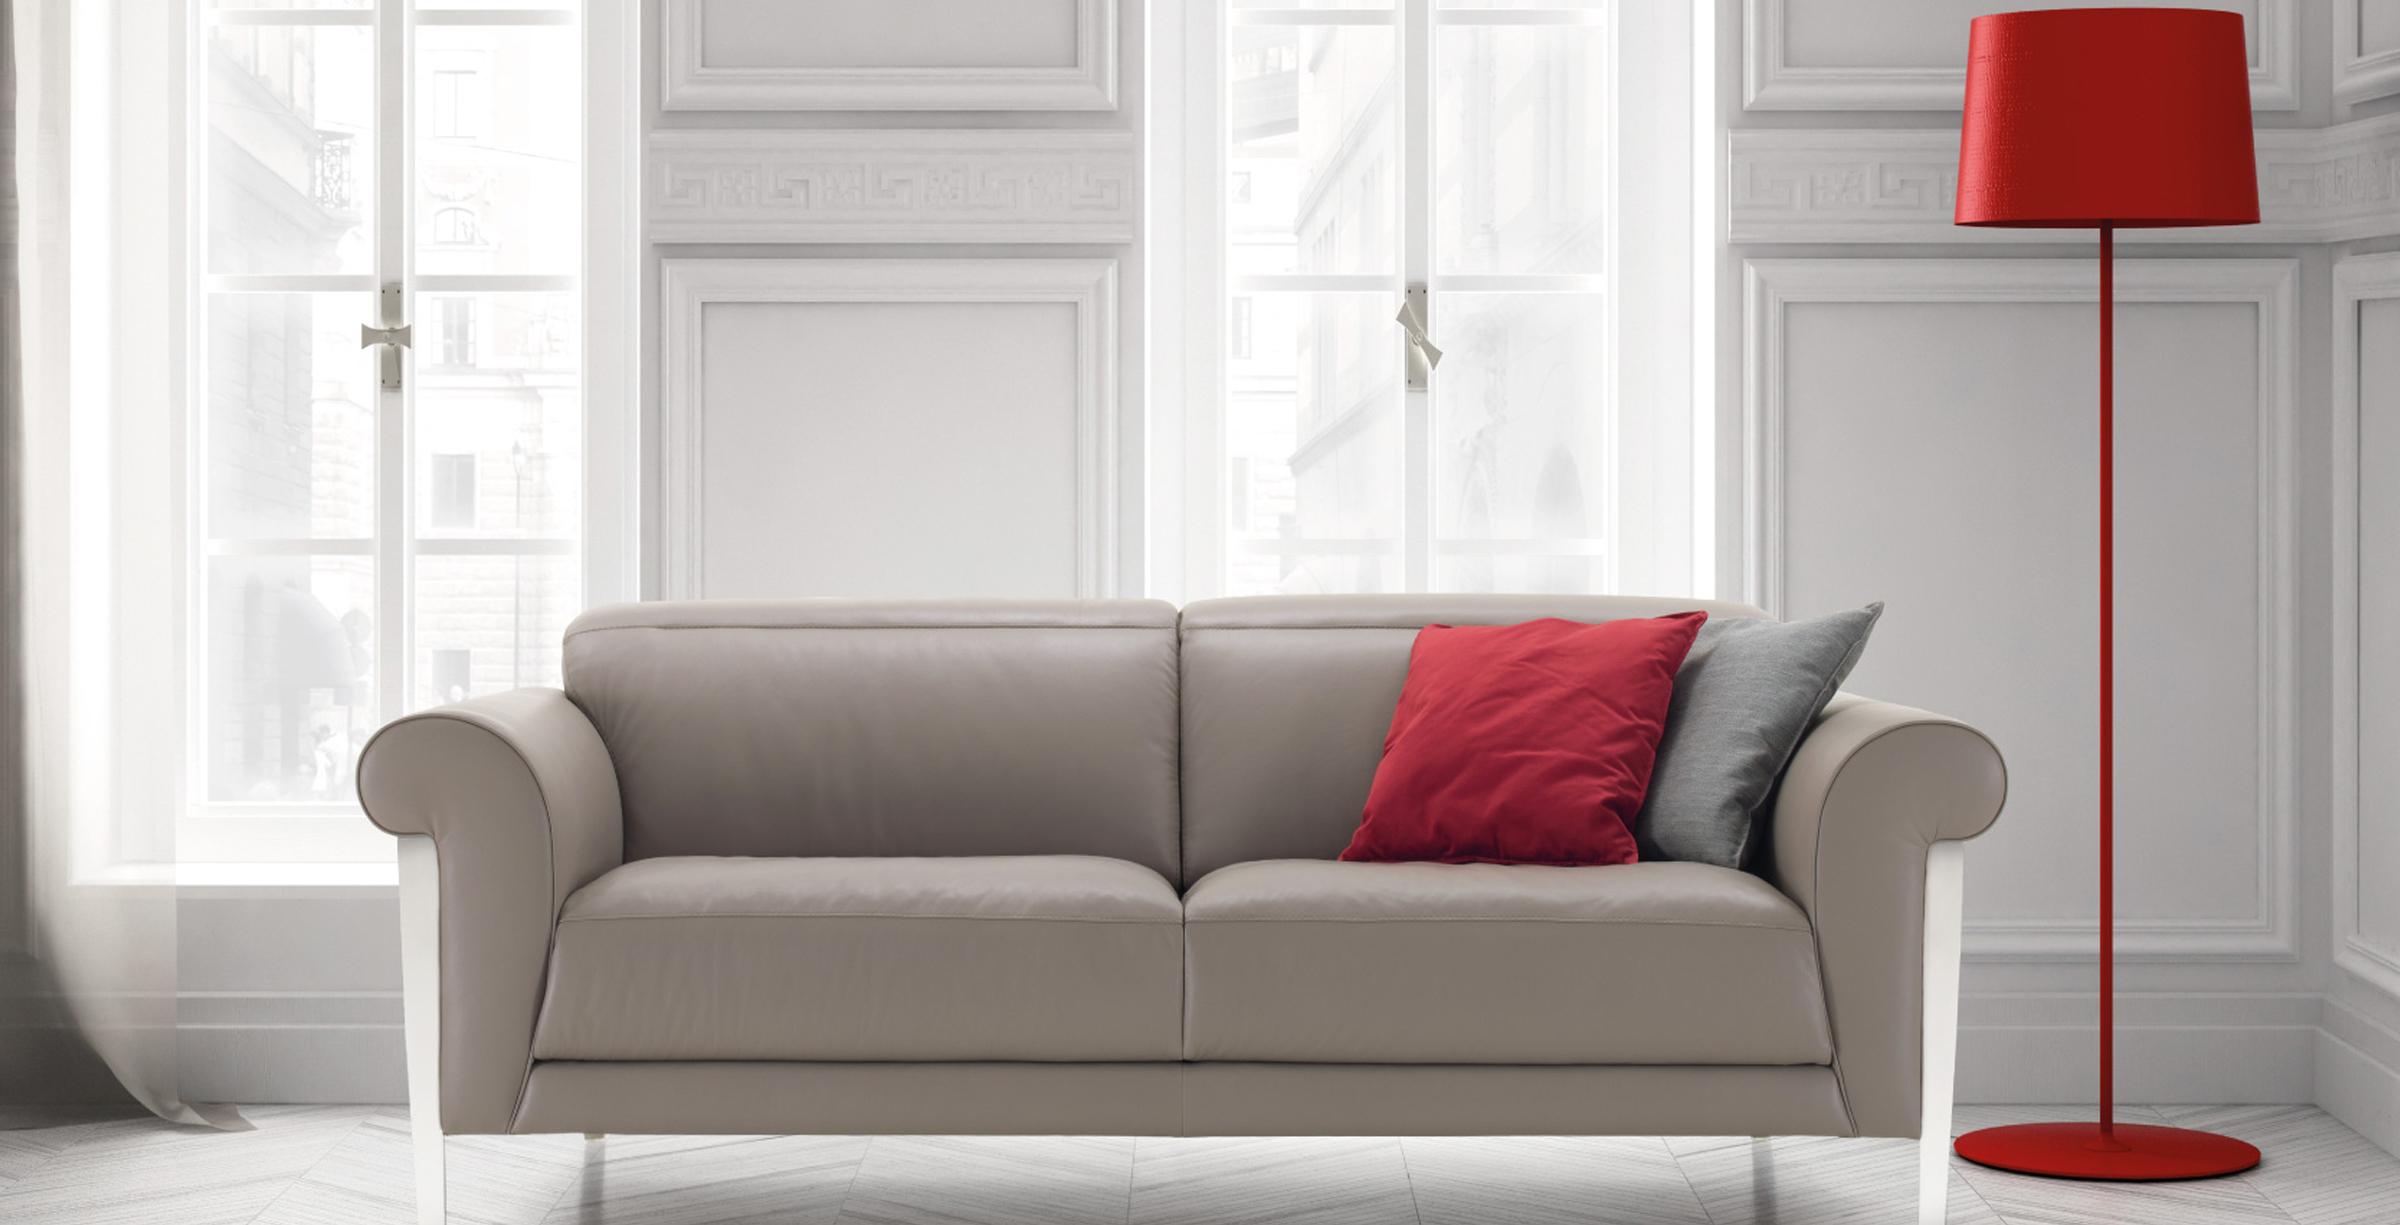 Nicoline divani e letti dal catalogo 2015 abitare pesolino for Divani e divani divani letto